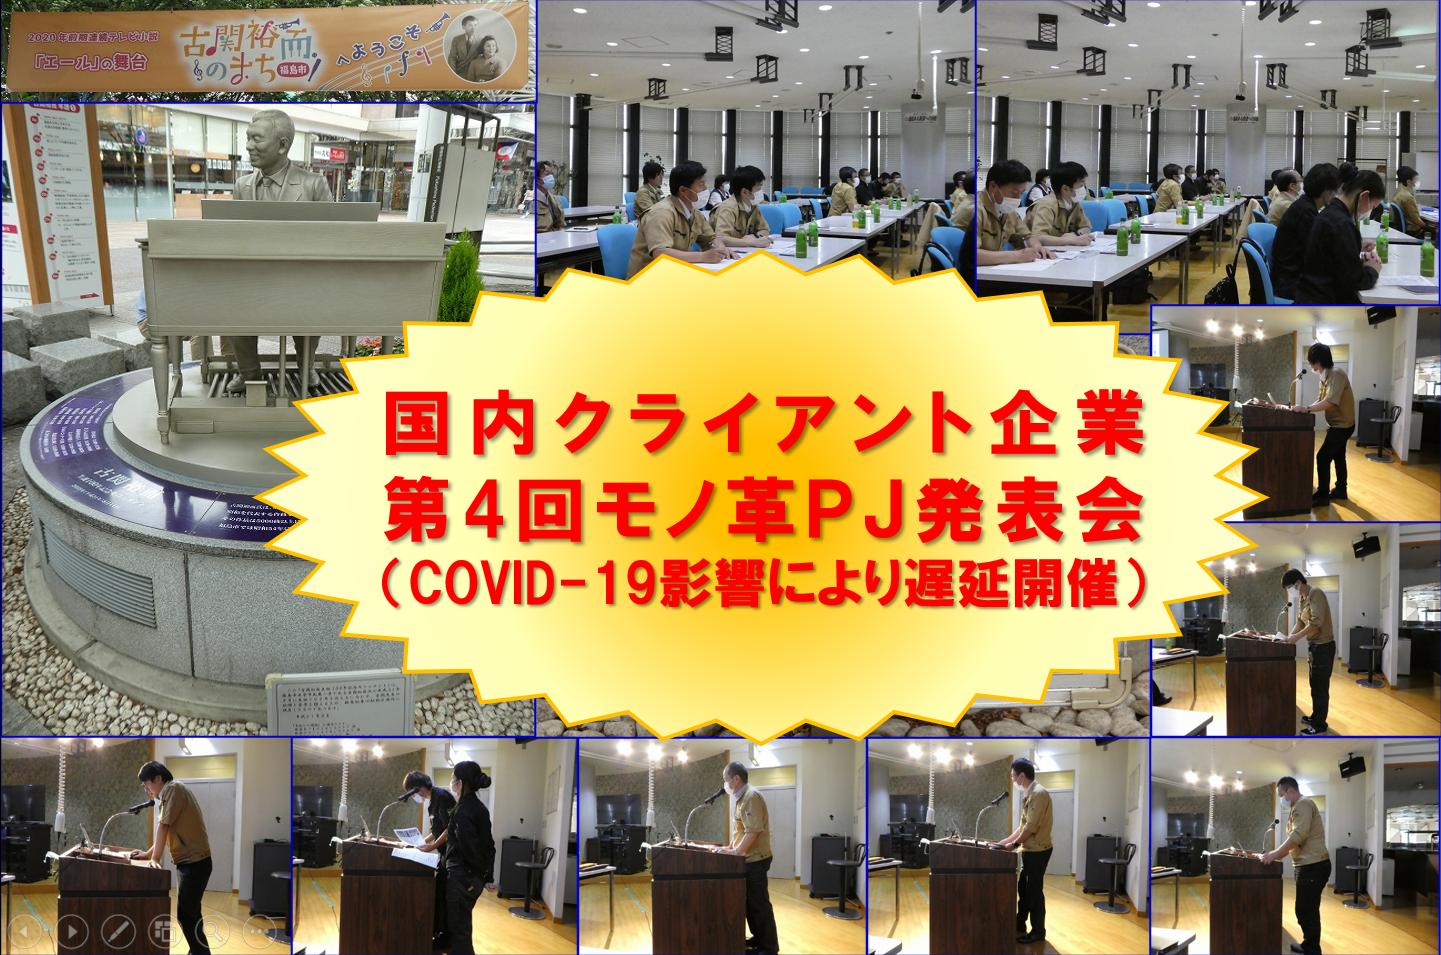 20_07_11_第4回モノ革プロジェクト発表会開催(COVID-19影響により遅延開催)_AA